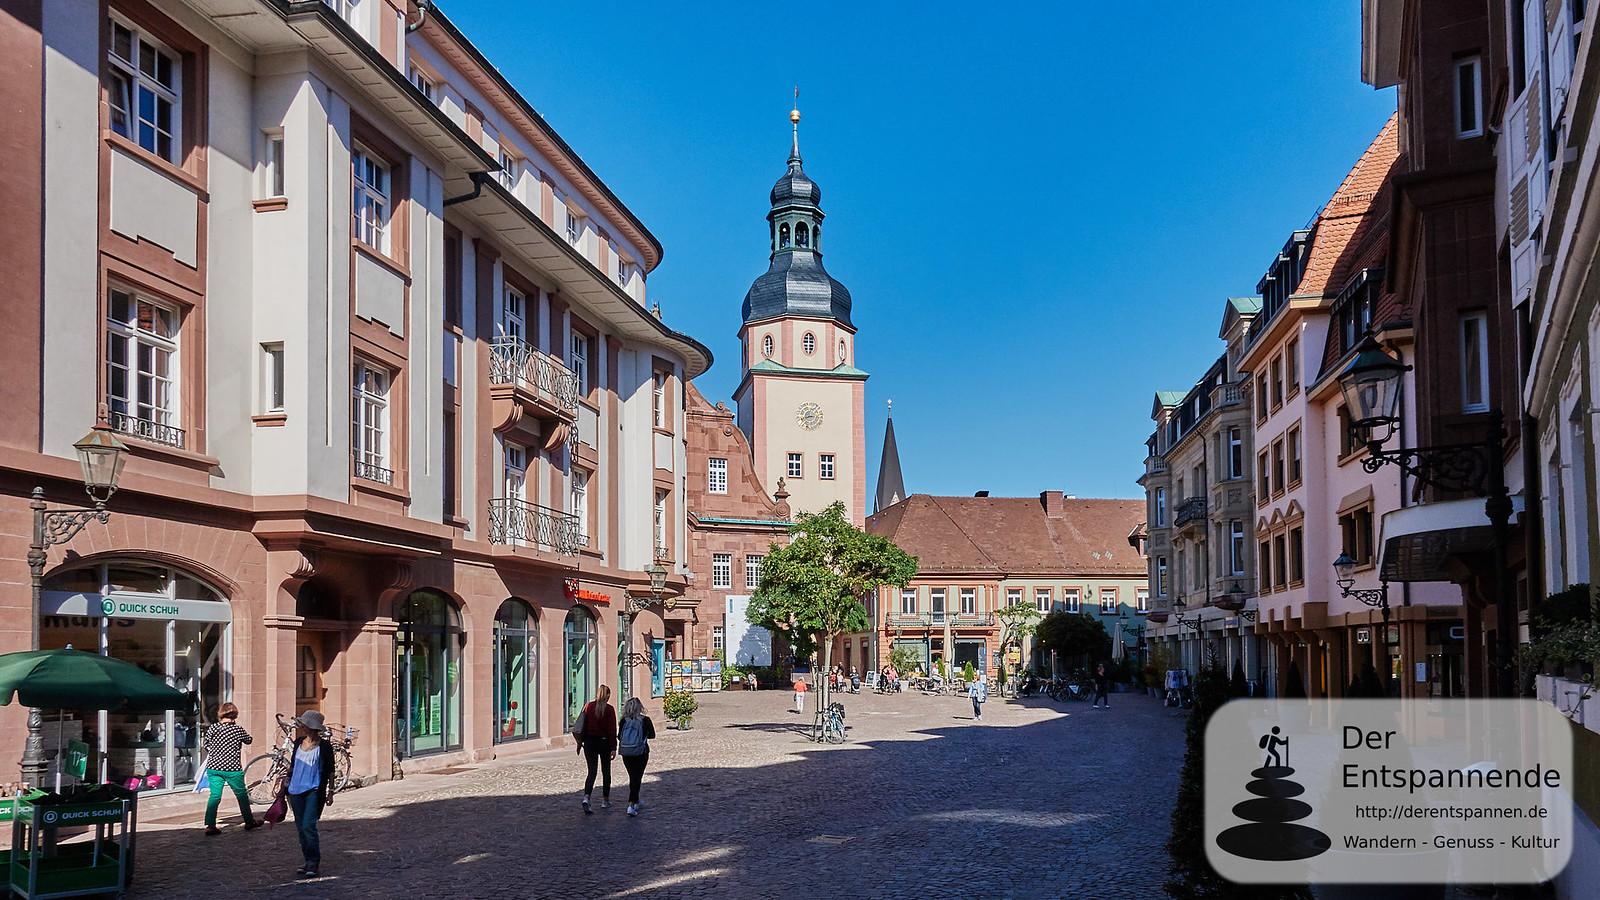 Ettlingen mit Rathausturm